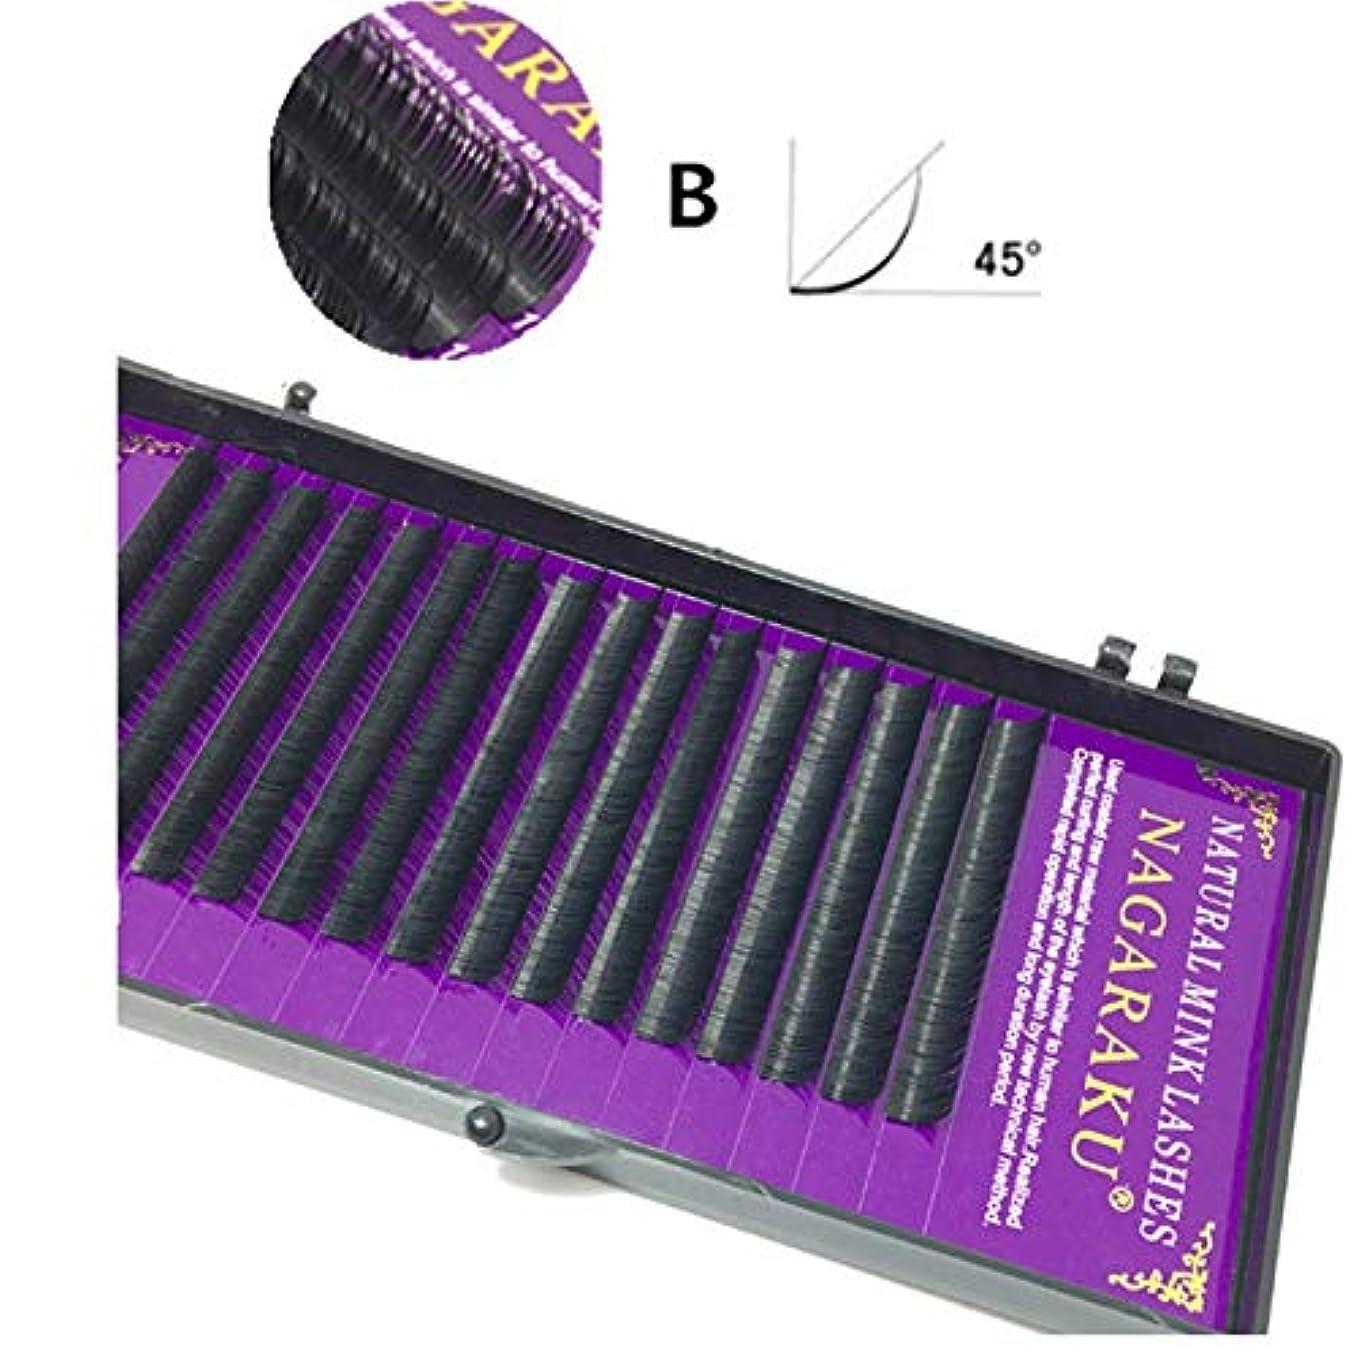 迅速甘くする年美容アクセサリー 16行ナチュラルメイクまつ毛黒つけまつげアイまつげエクステンションツール、カール:B、厚さ:0.10 mm(8 mm) 写真美容アクセサリー (色 : 10mm)